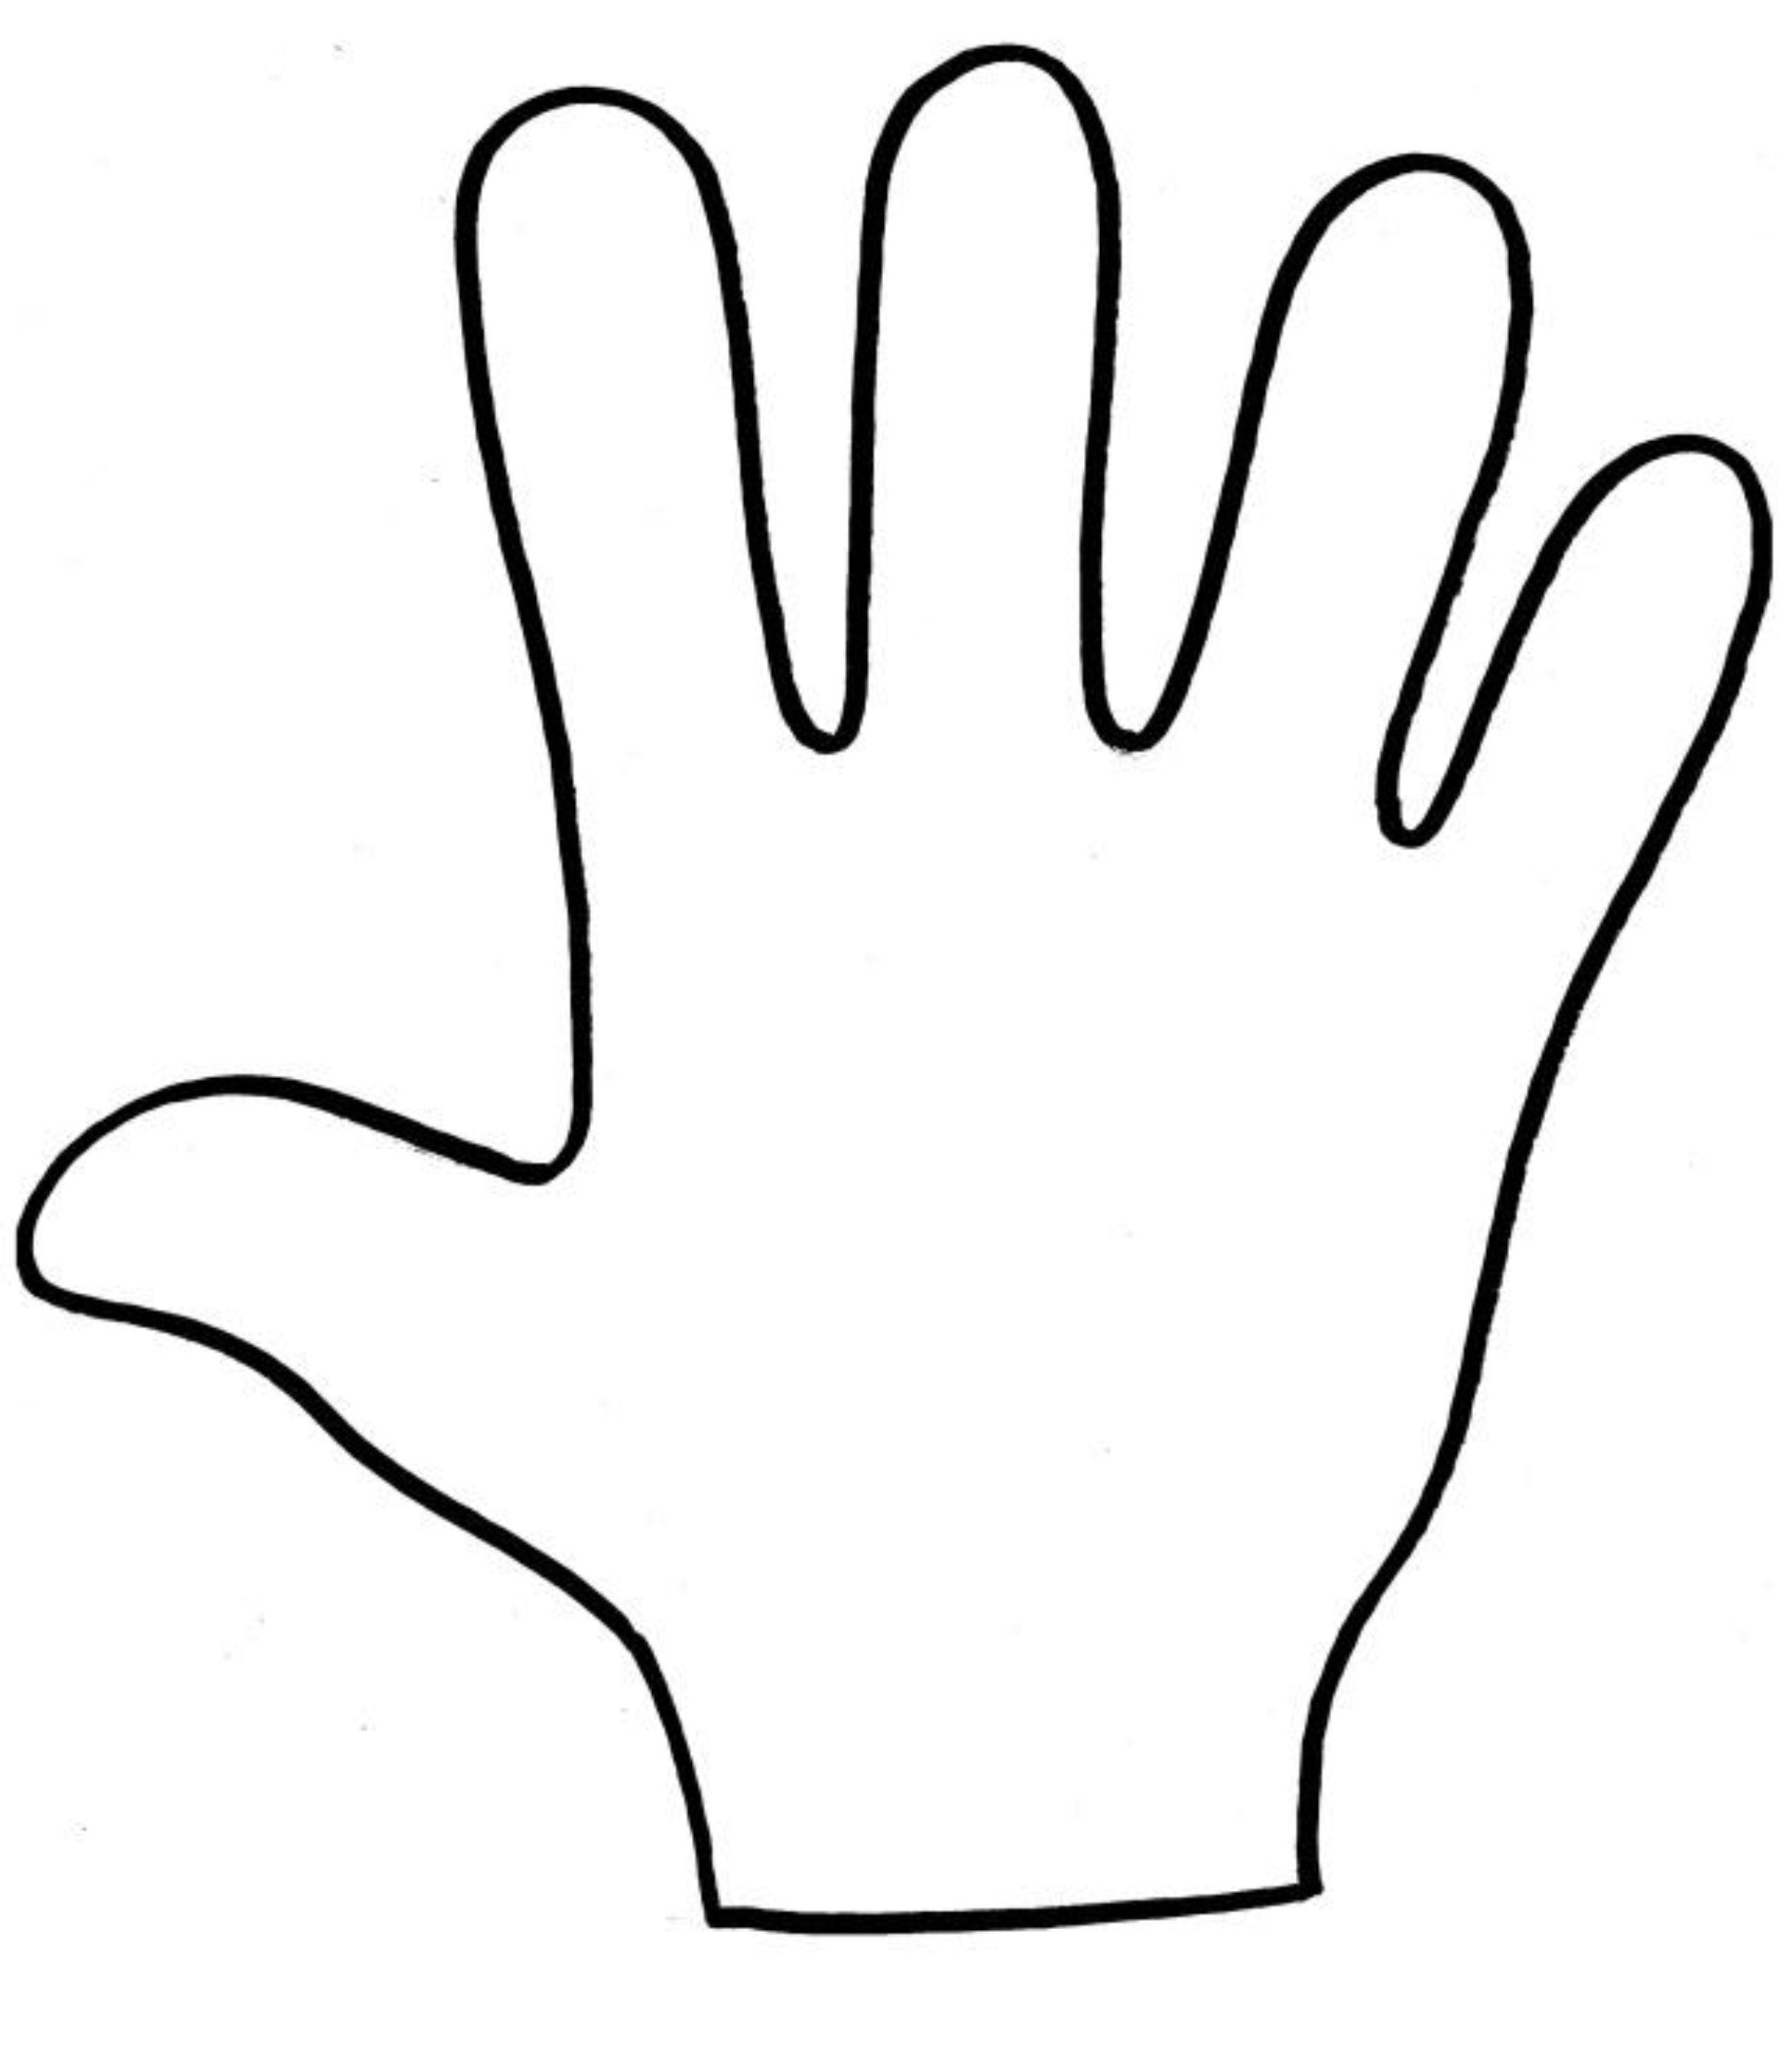 Dibujo mano buscar con google decoracion aula - Ninos pintando con las manos ...